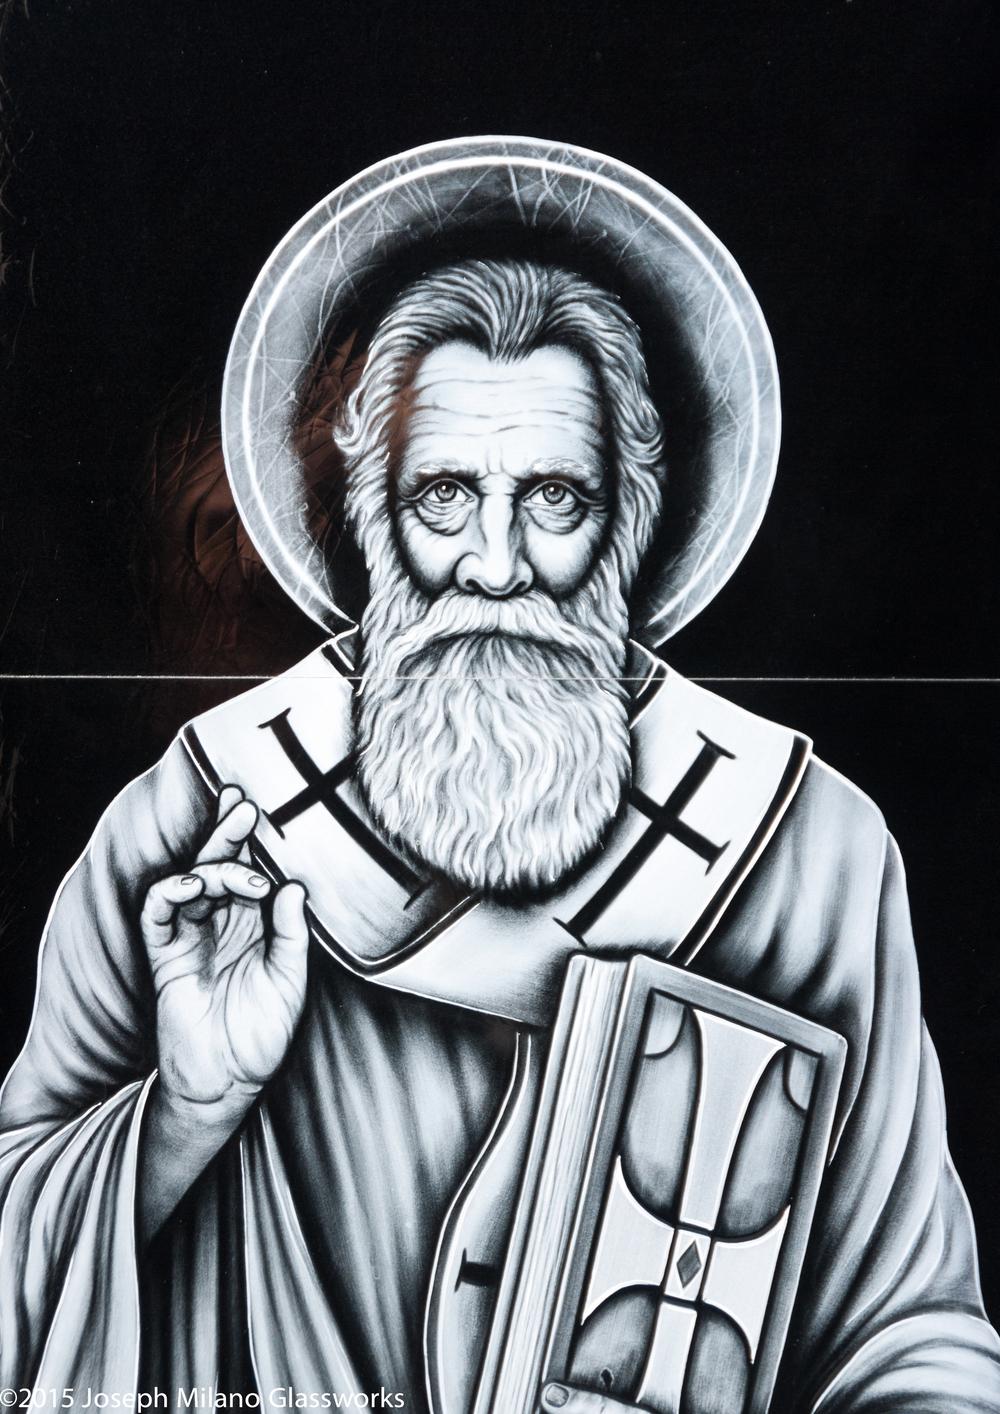 Detail of St. Methodius